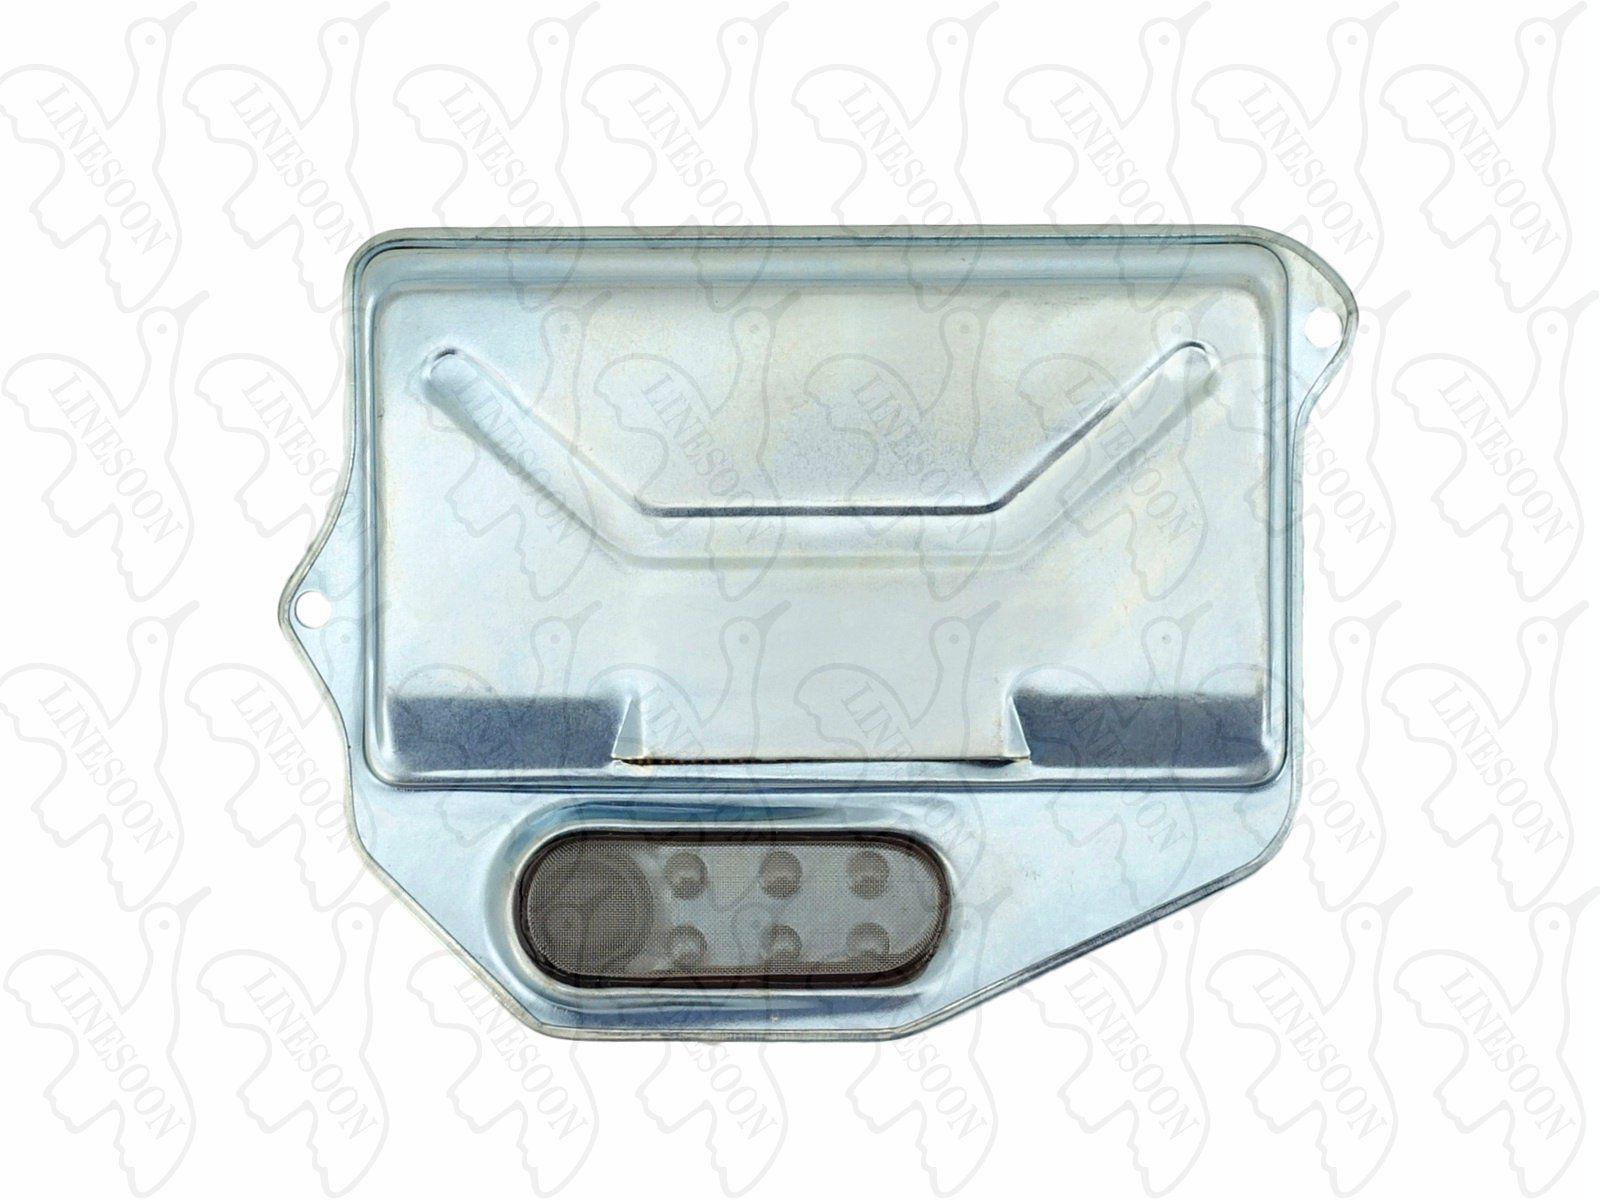 Filtro de Óleo Câmbio Automático Sem Ressalto 722.0, MERCEDES  - Alltrans - Transmissão Automática